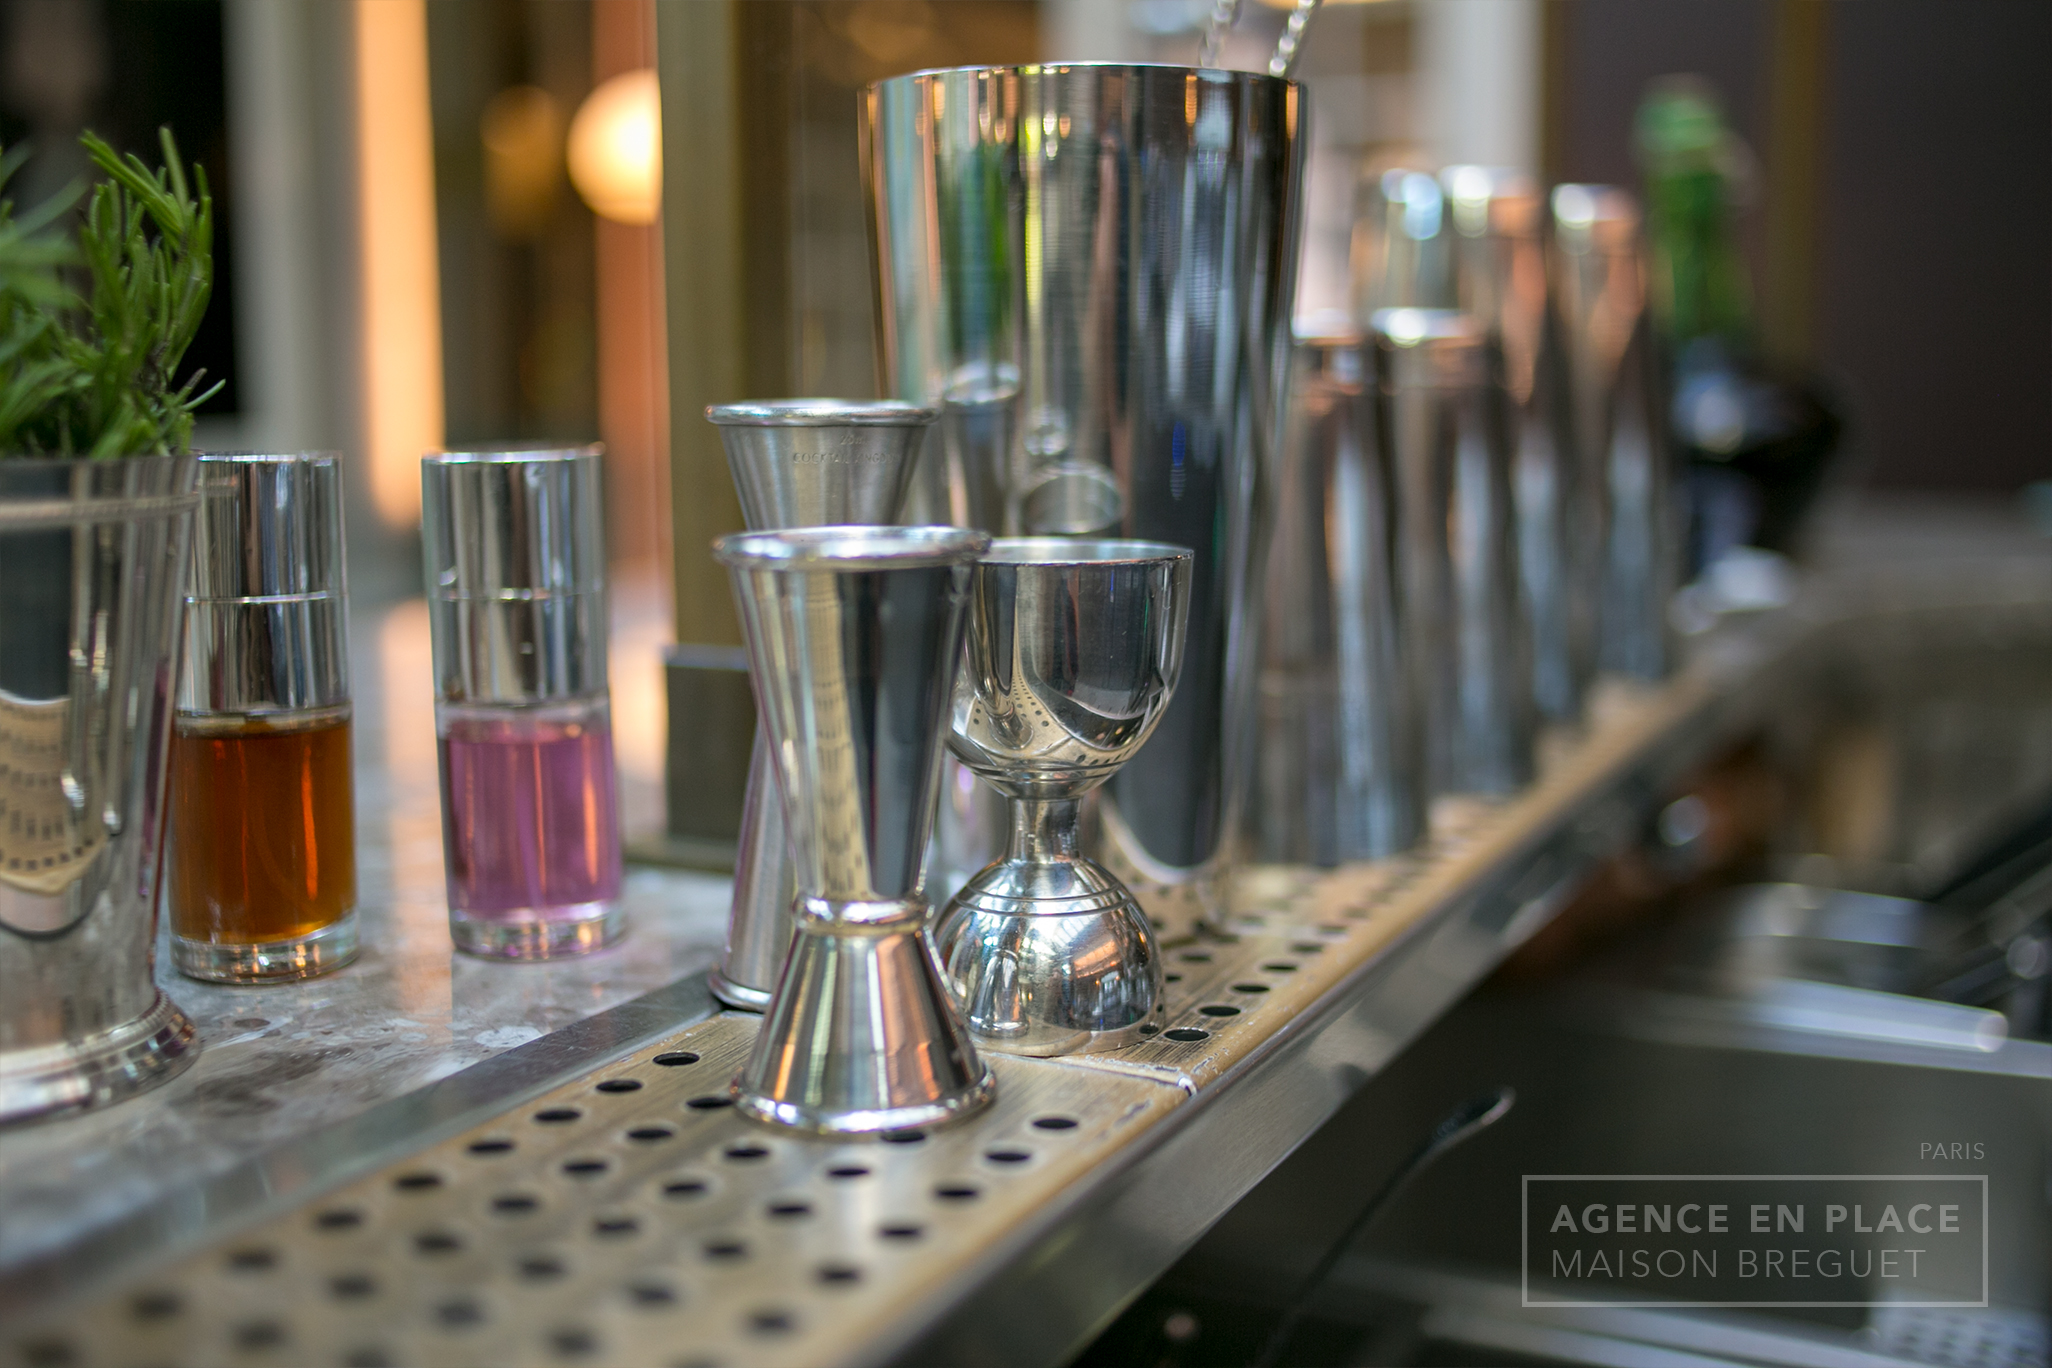 maison-breguet-agenceenplace-cocktailsbar-007